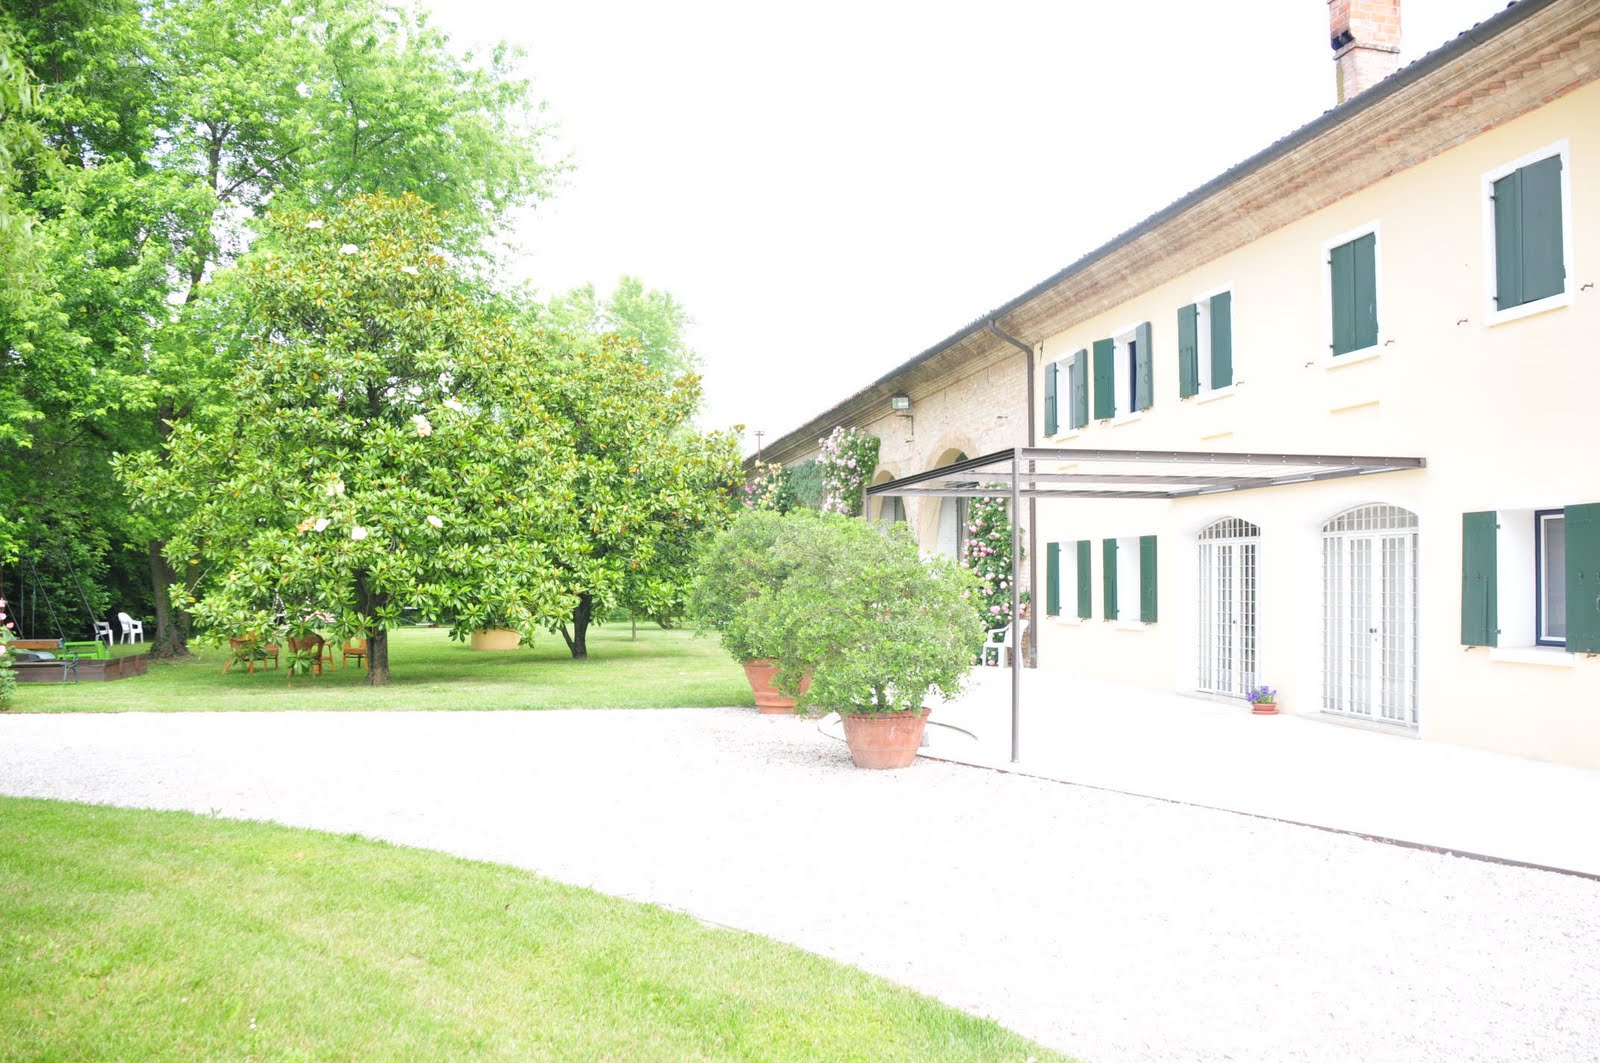 Rustico / Casale in vendita a Casale sul Sile, 8 locali, zona Località: Lughignano, prezzo € 450.000 | CambioCasa.it